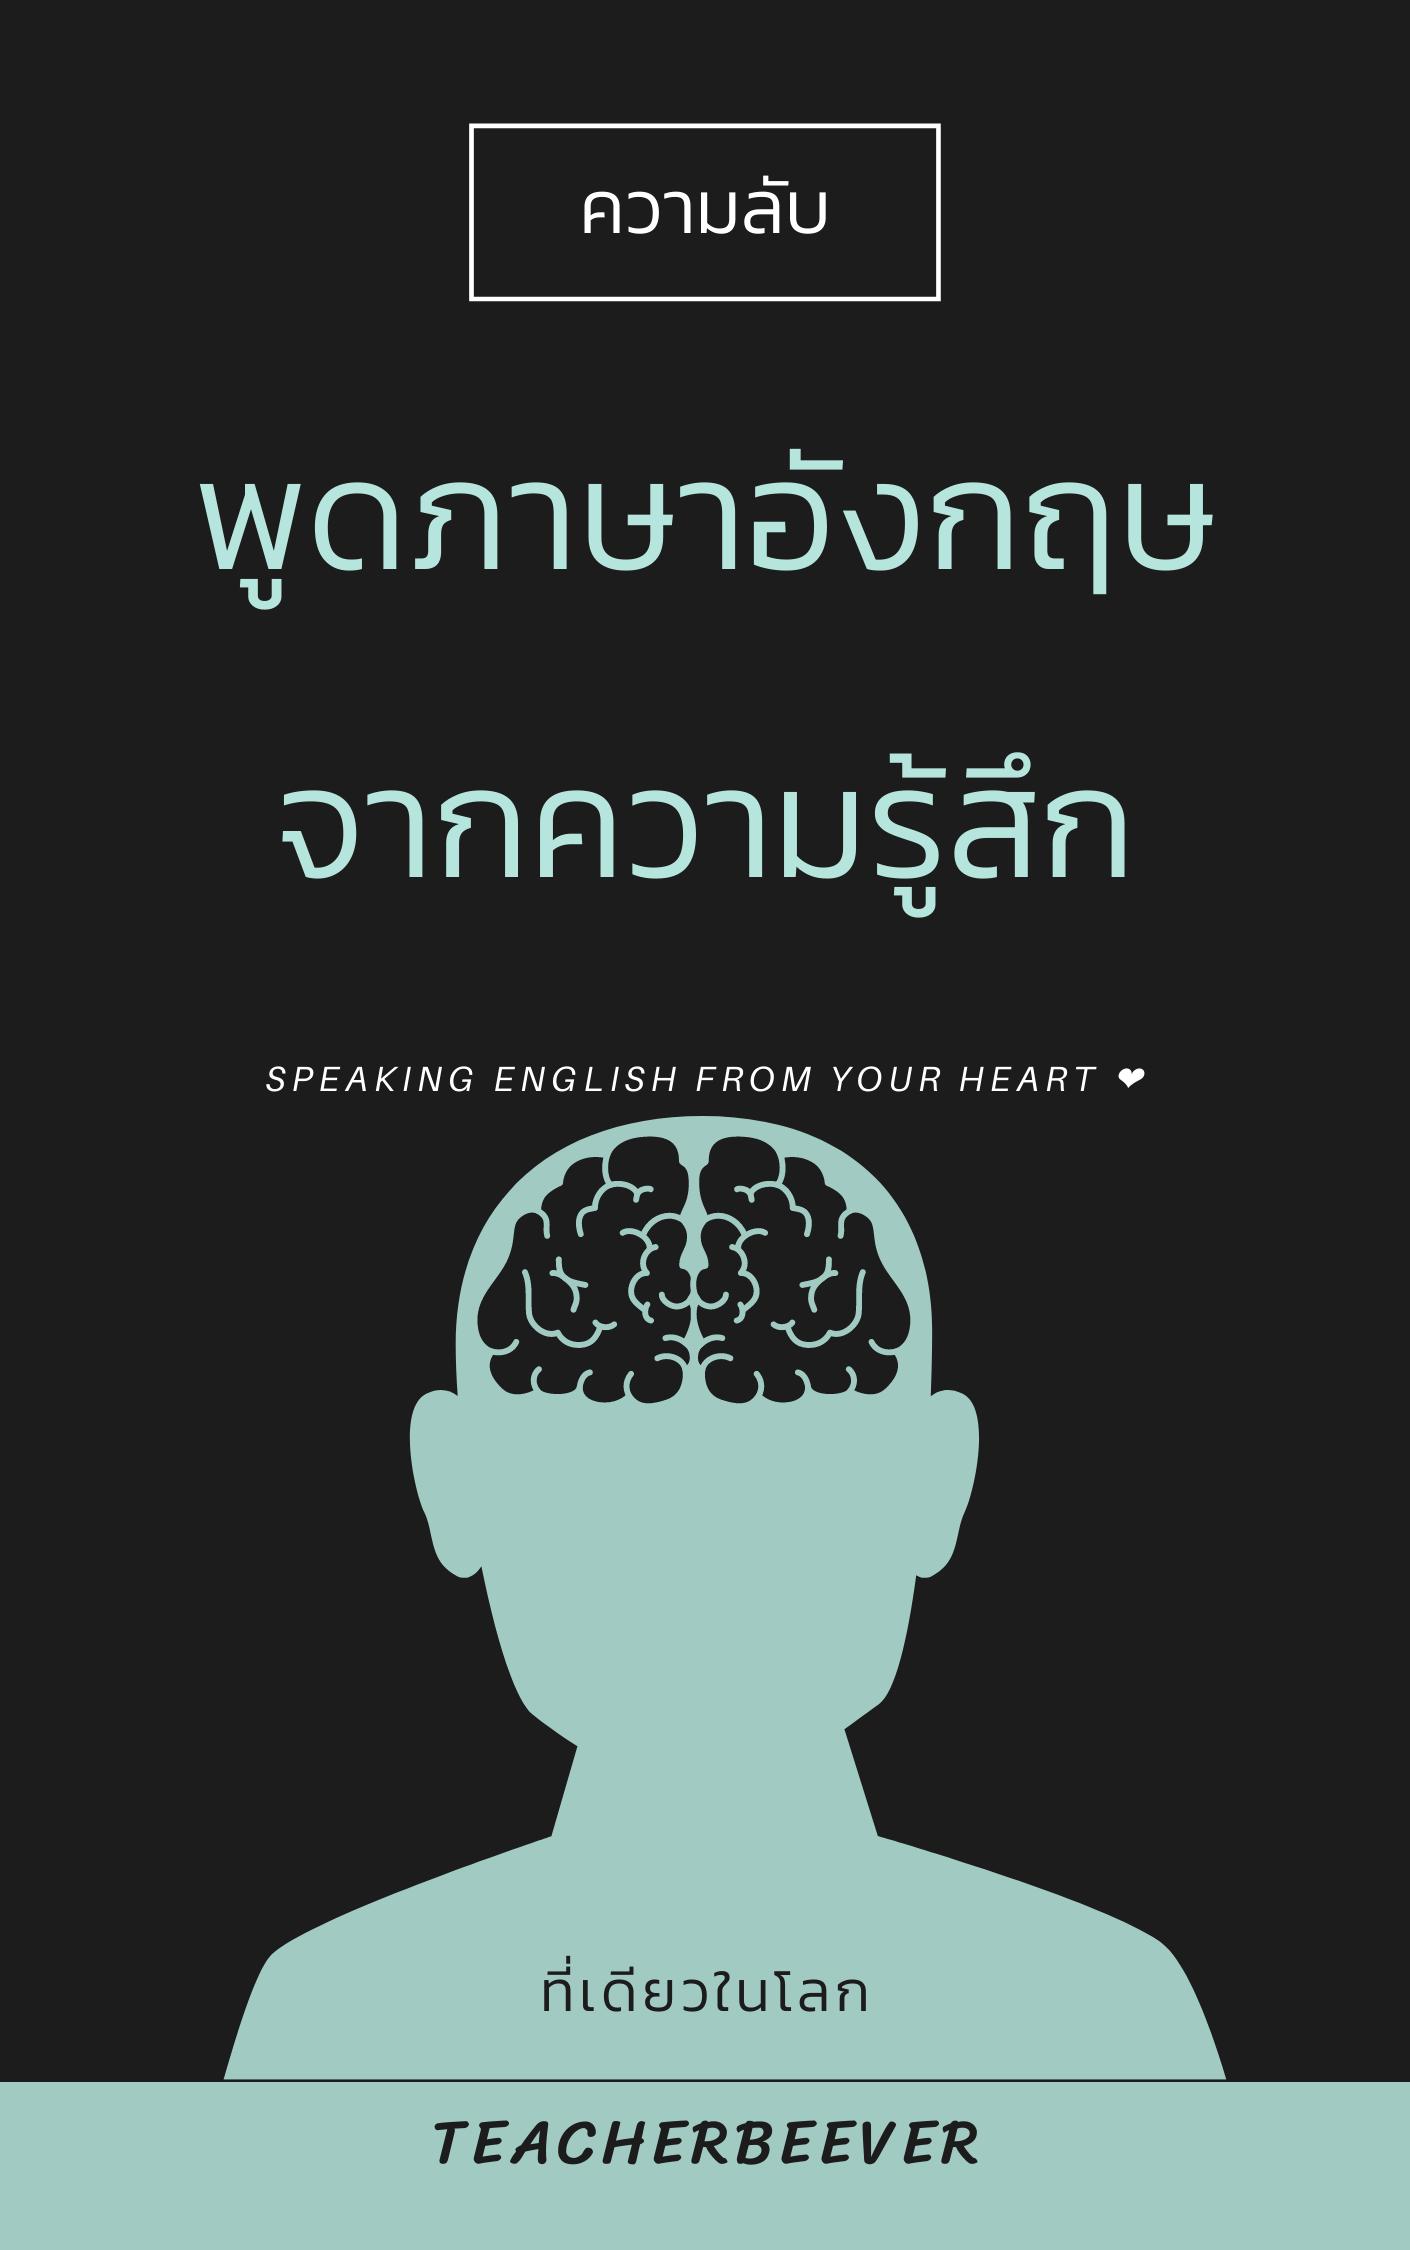 พูดภาษาอังกฤษจากความรู้สึก (Audio)